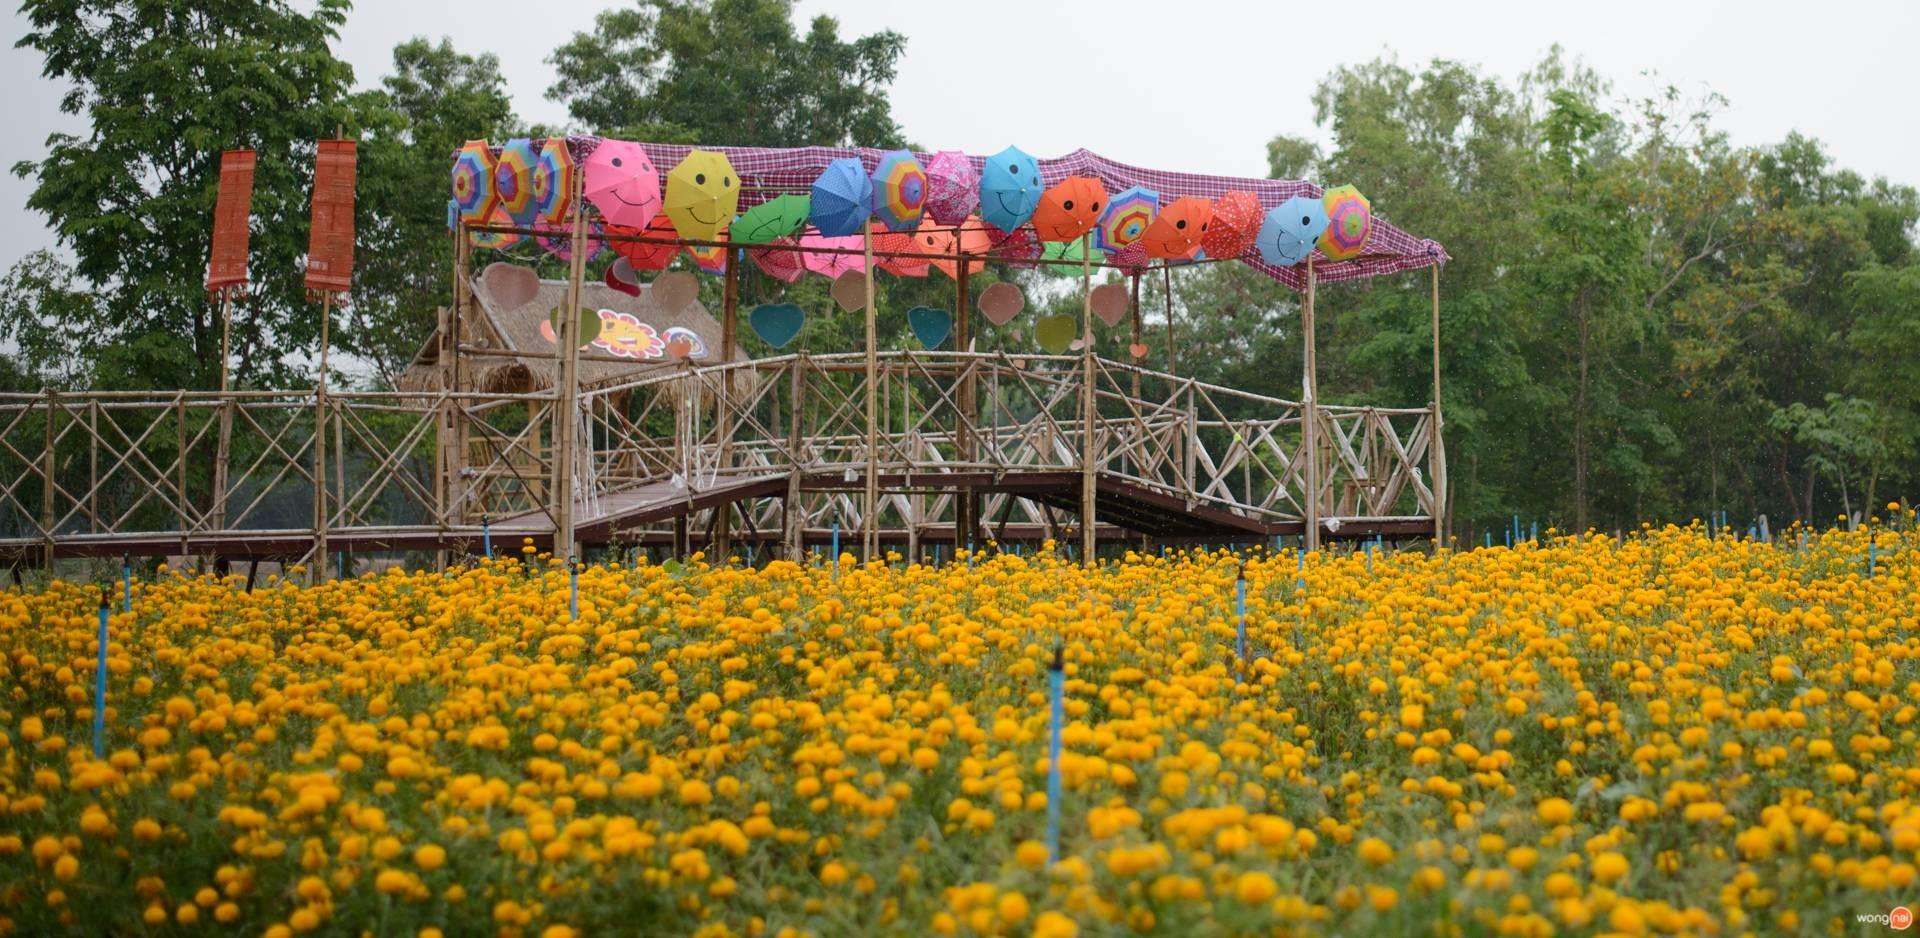 หมู่บ้านดอกไม้ บ้านห้วยสําราญ